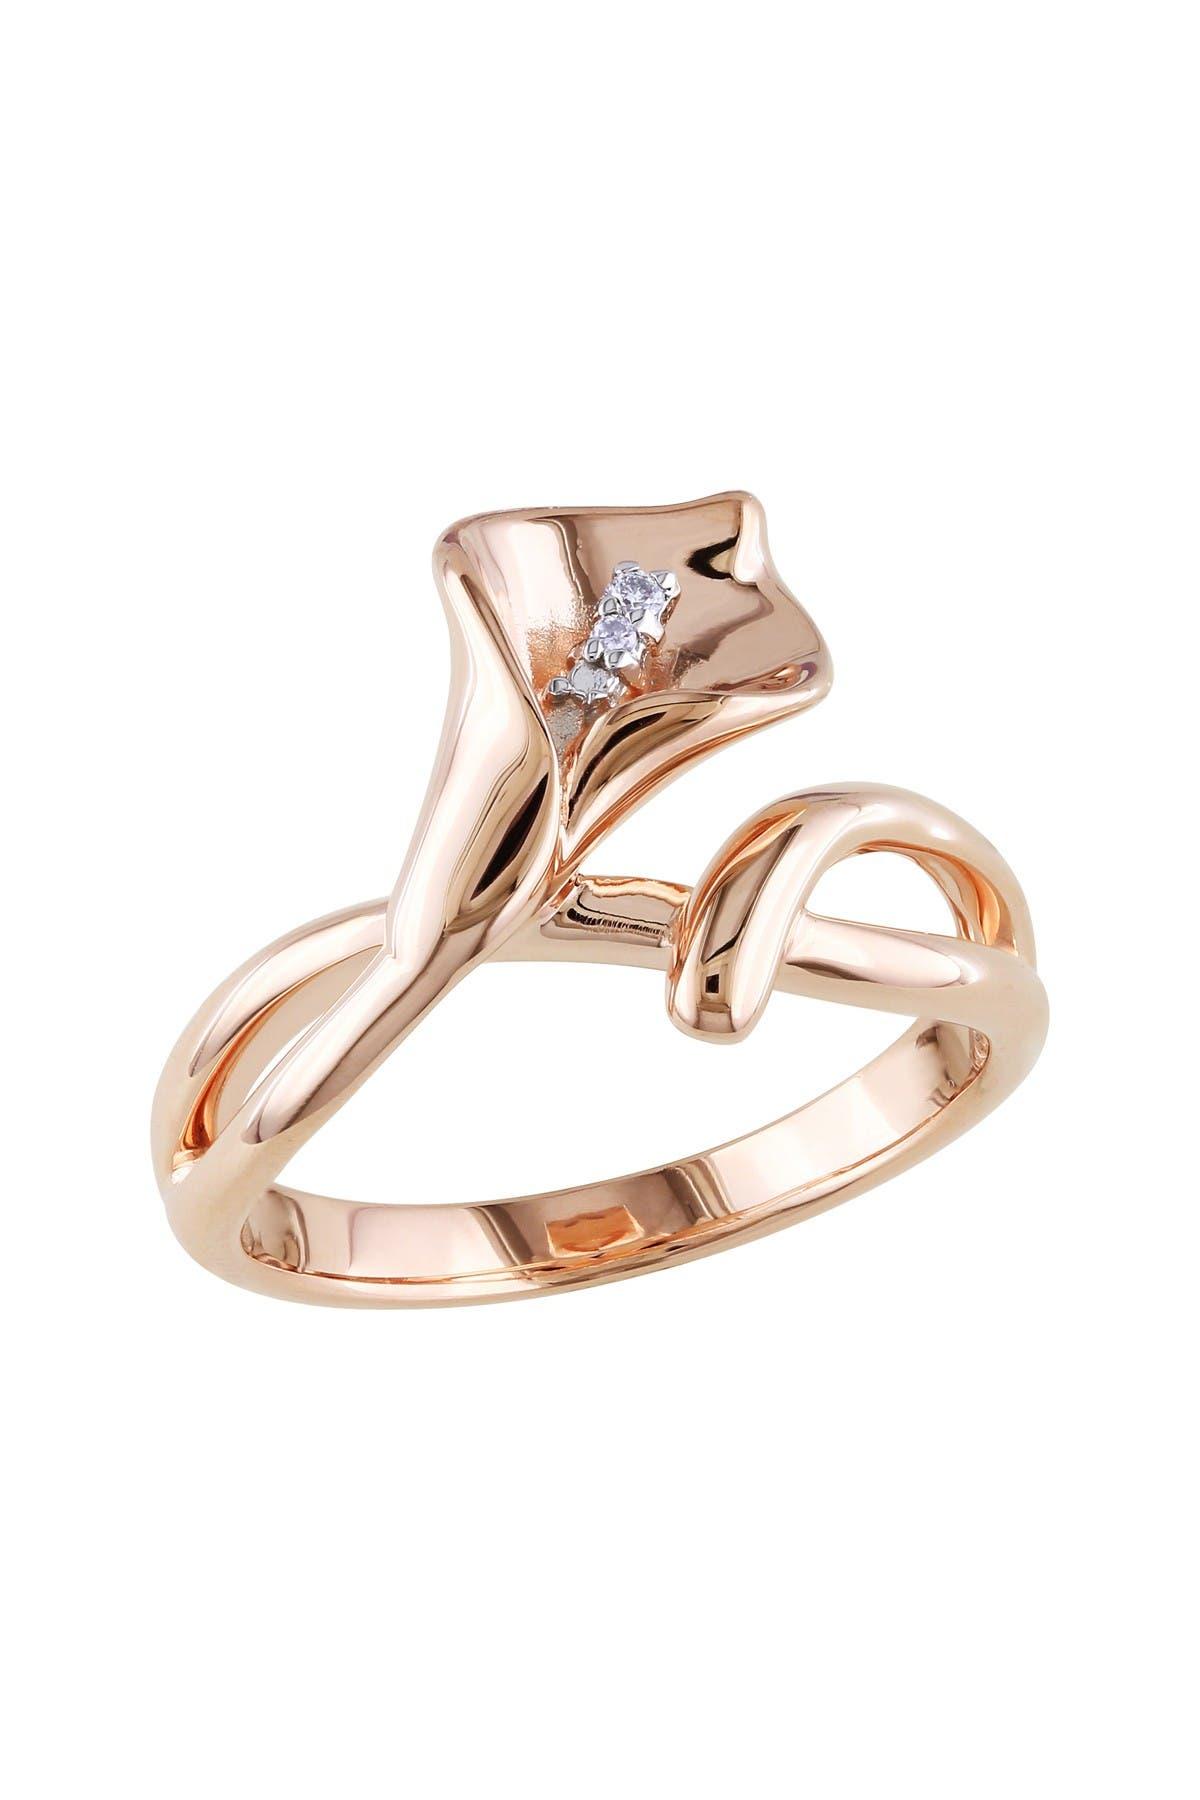 Image of Delmar Diamond Calla Lily Ring - 0.01 ctw